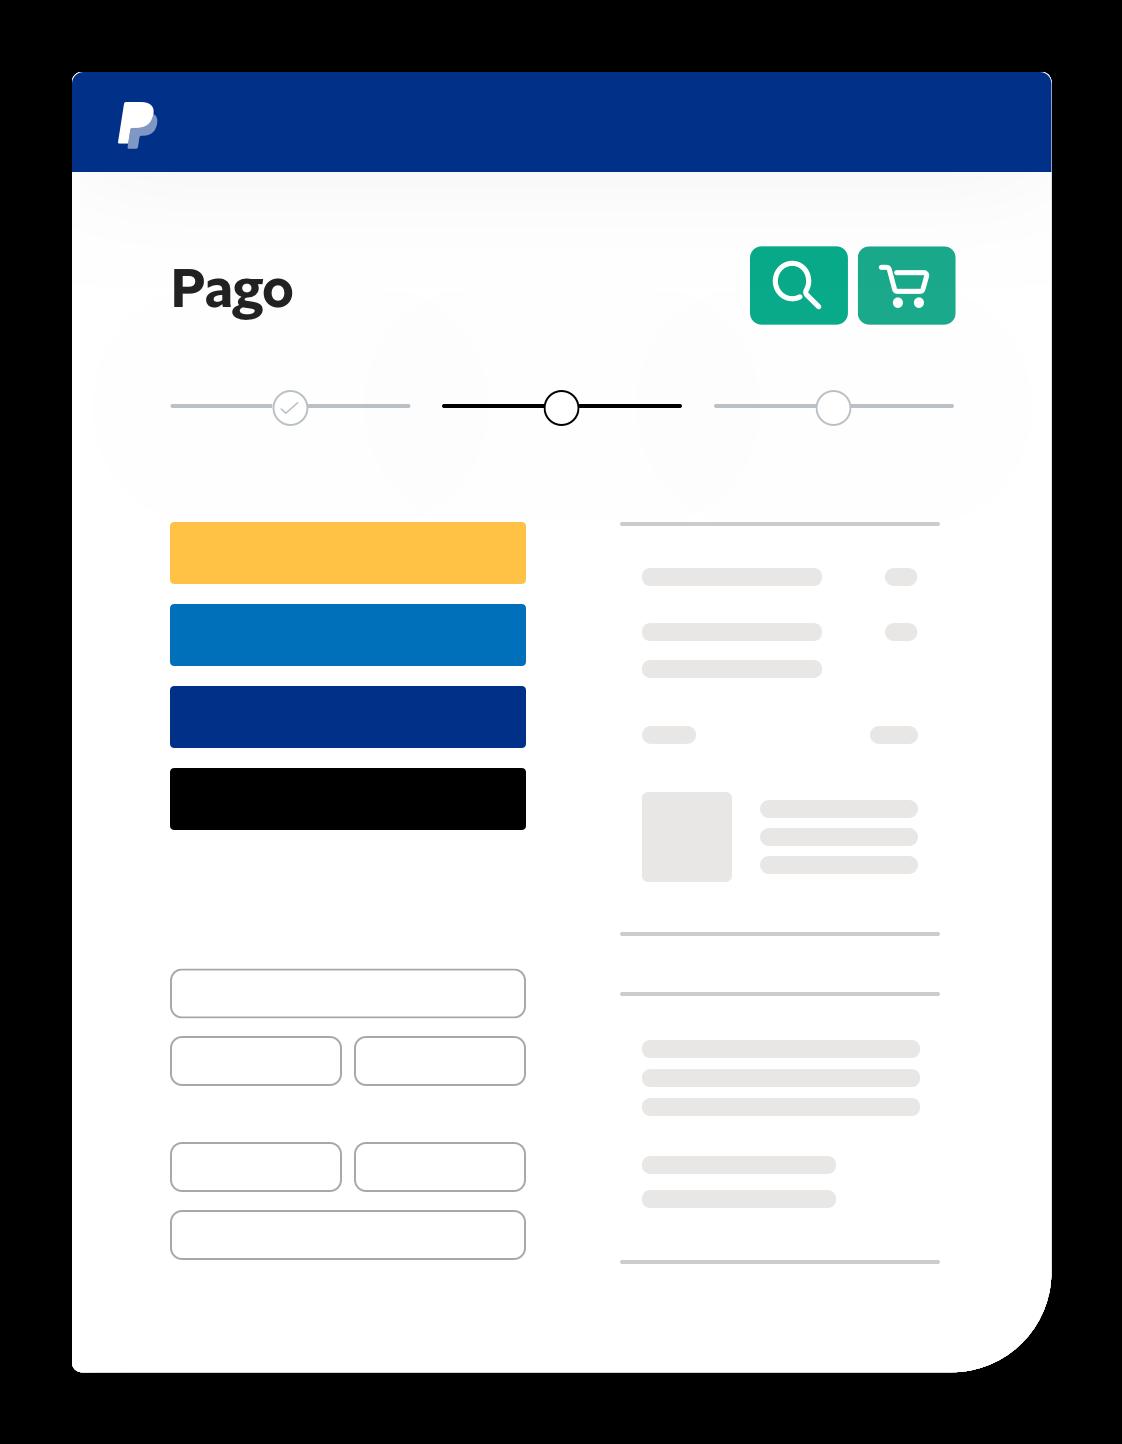 Captura de pantalla del proceso de pago.